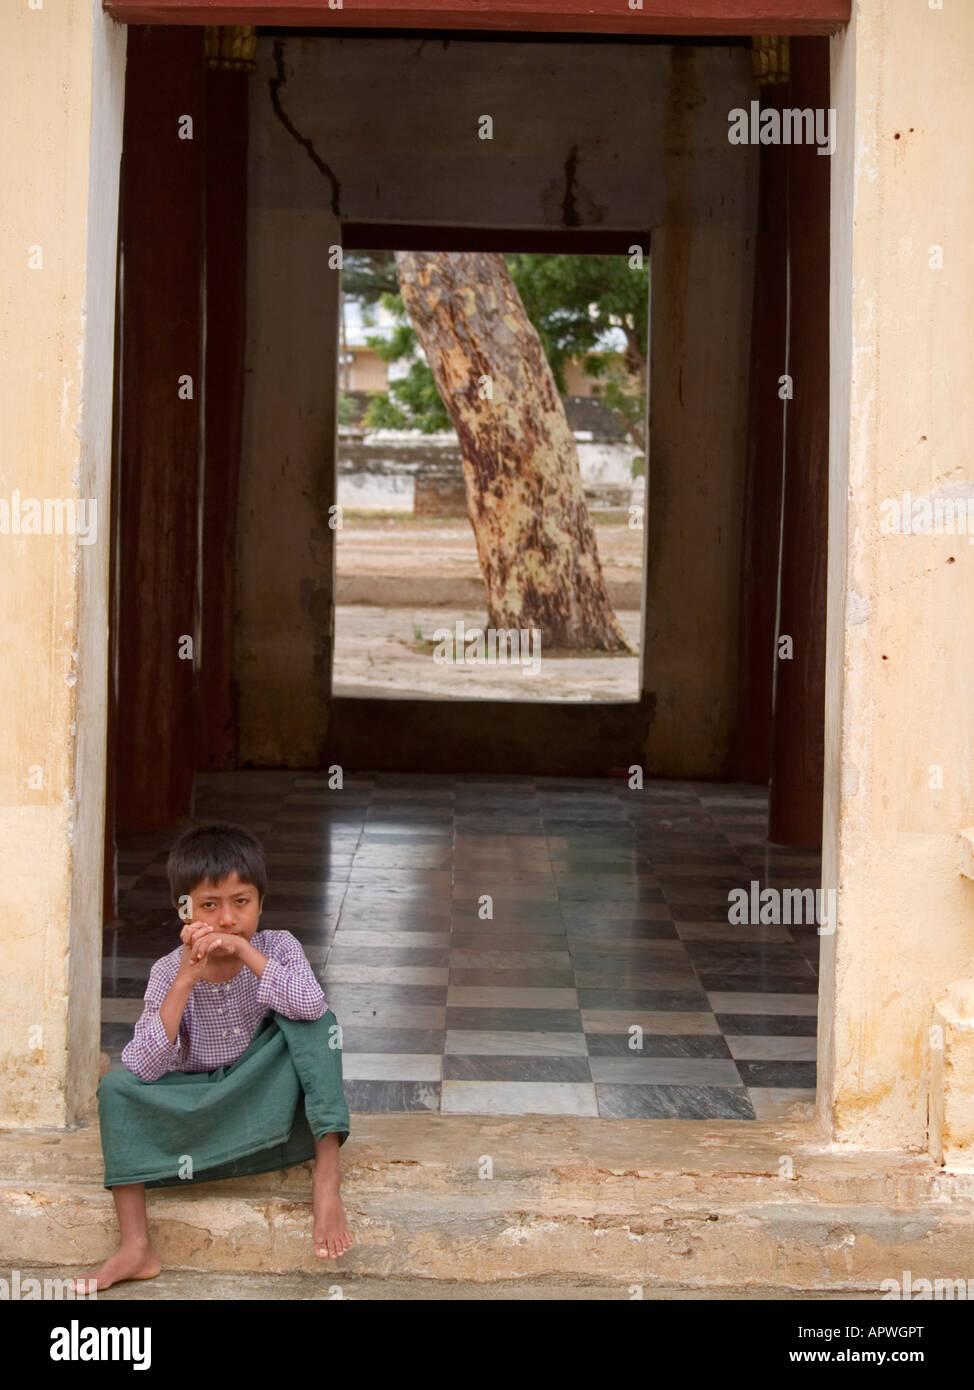 boy in a doorframe in Bagan Myanmar - Stock Image